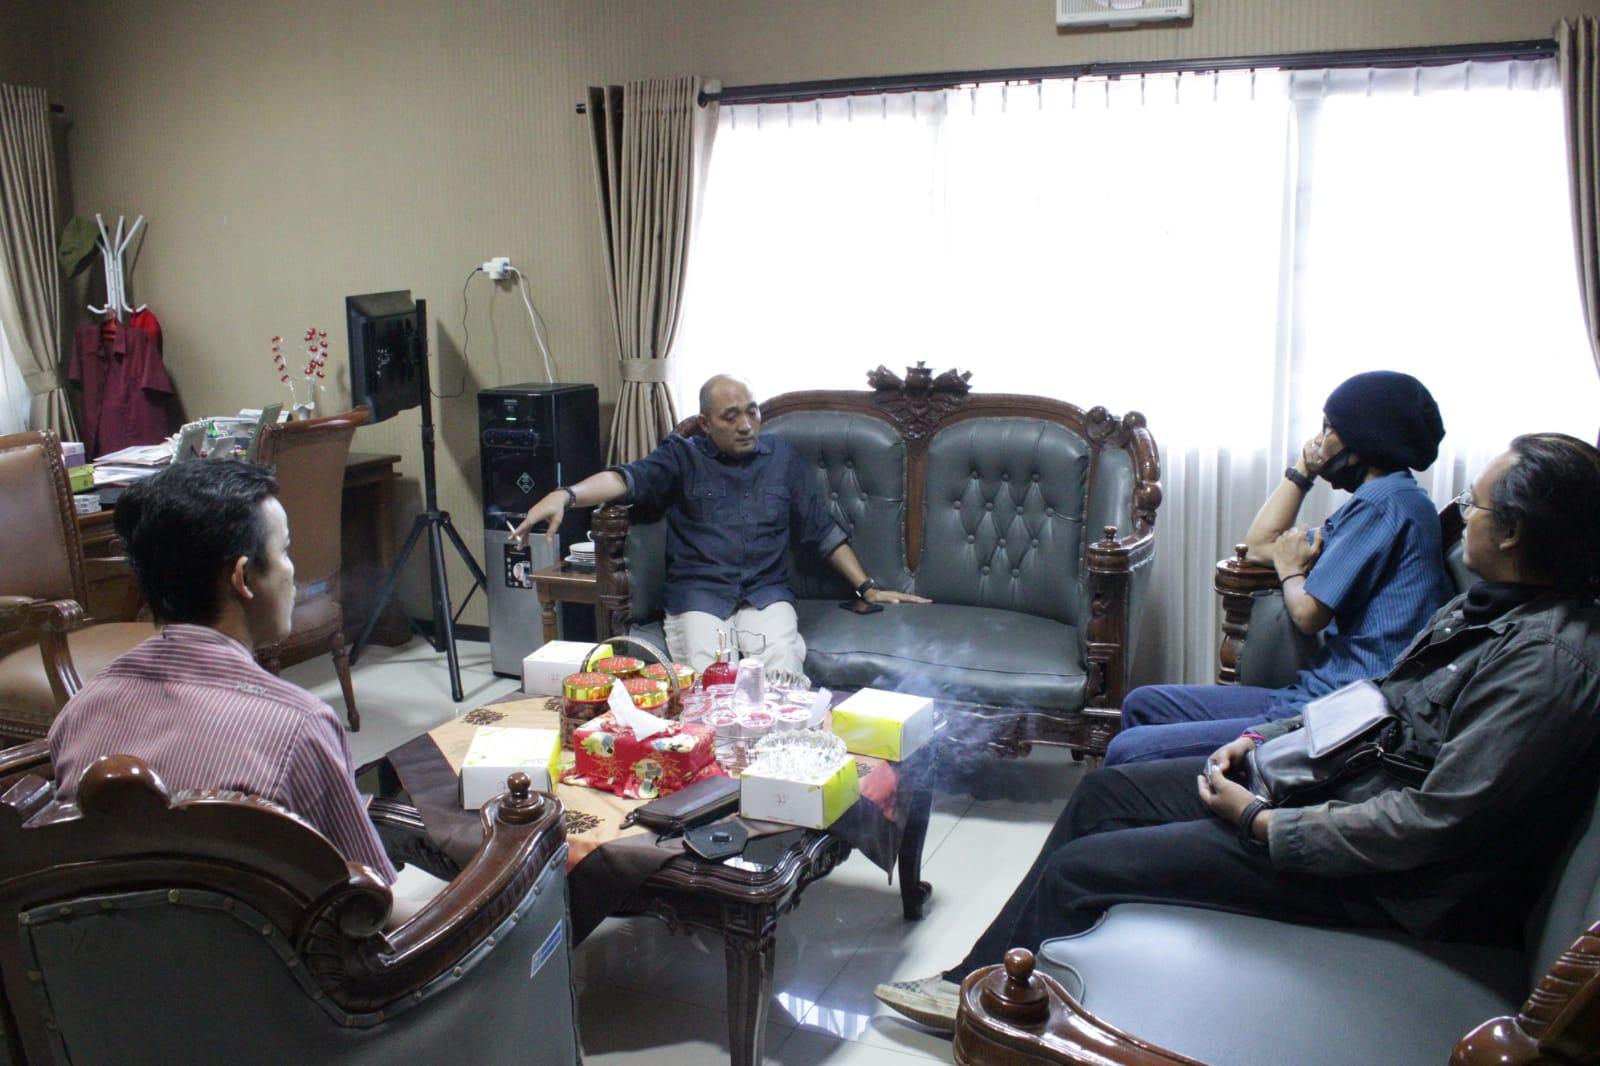 Ketua DPRD Kabupaten Semarang, Bondan Marutohening, menerima kunjungan silaturahmi dengan pimpinan media Lingkar.co, di ruang kerjanya, Kamis (30/9/2021). FOTO: Humas DPRD Kab. Semarang/Lingkar.co